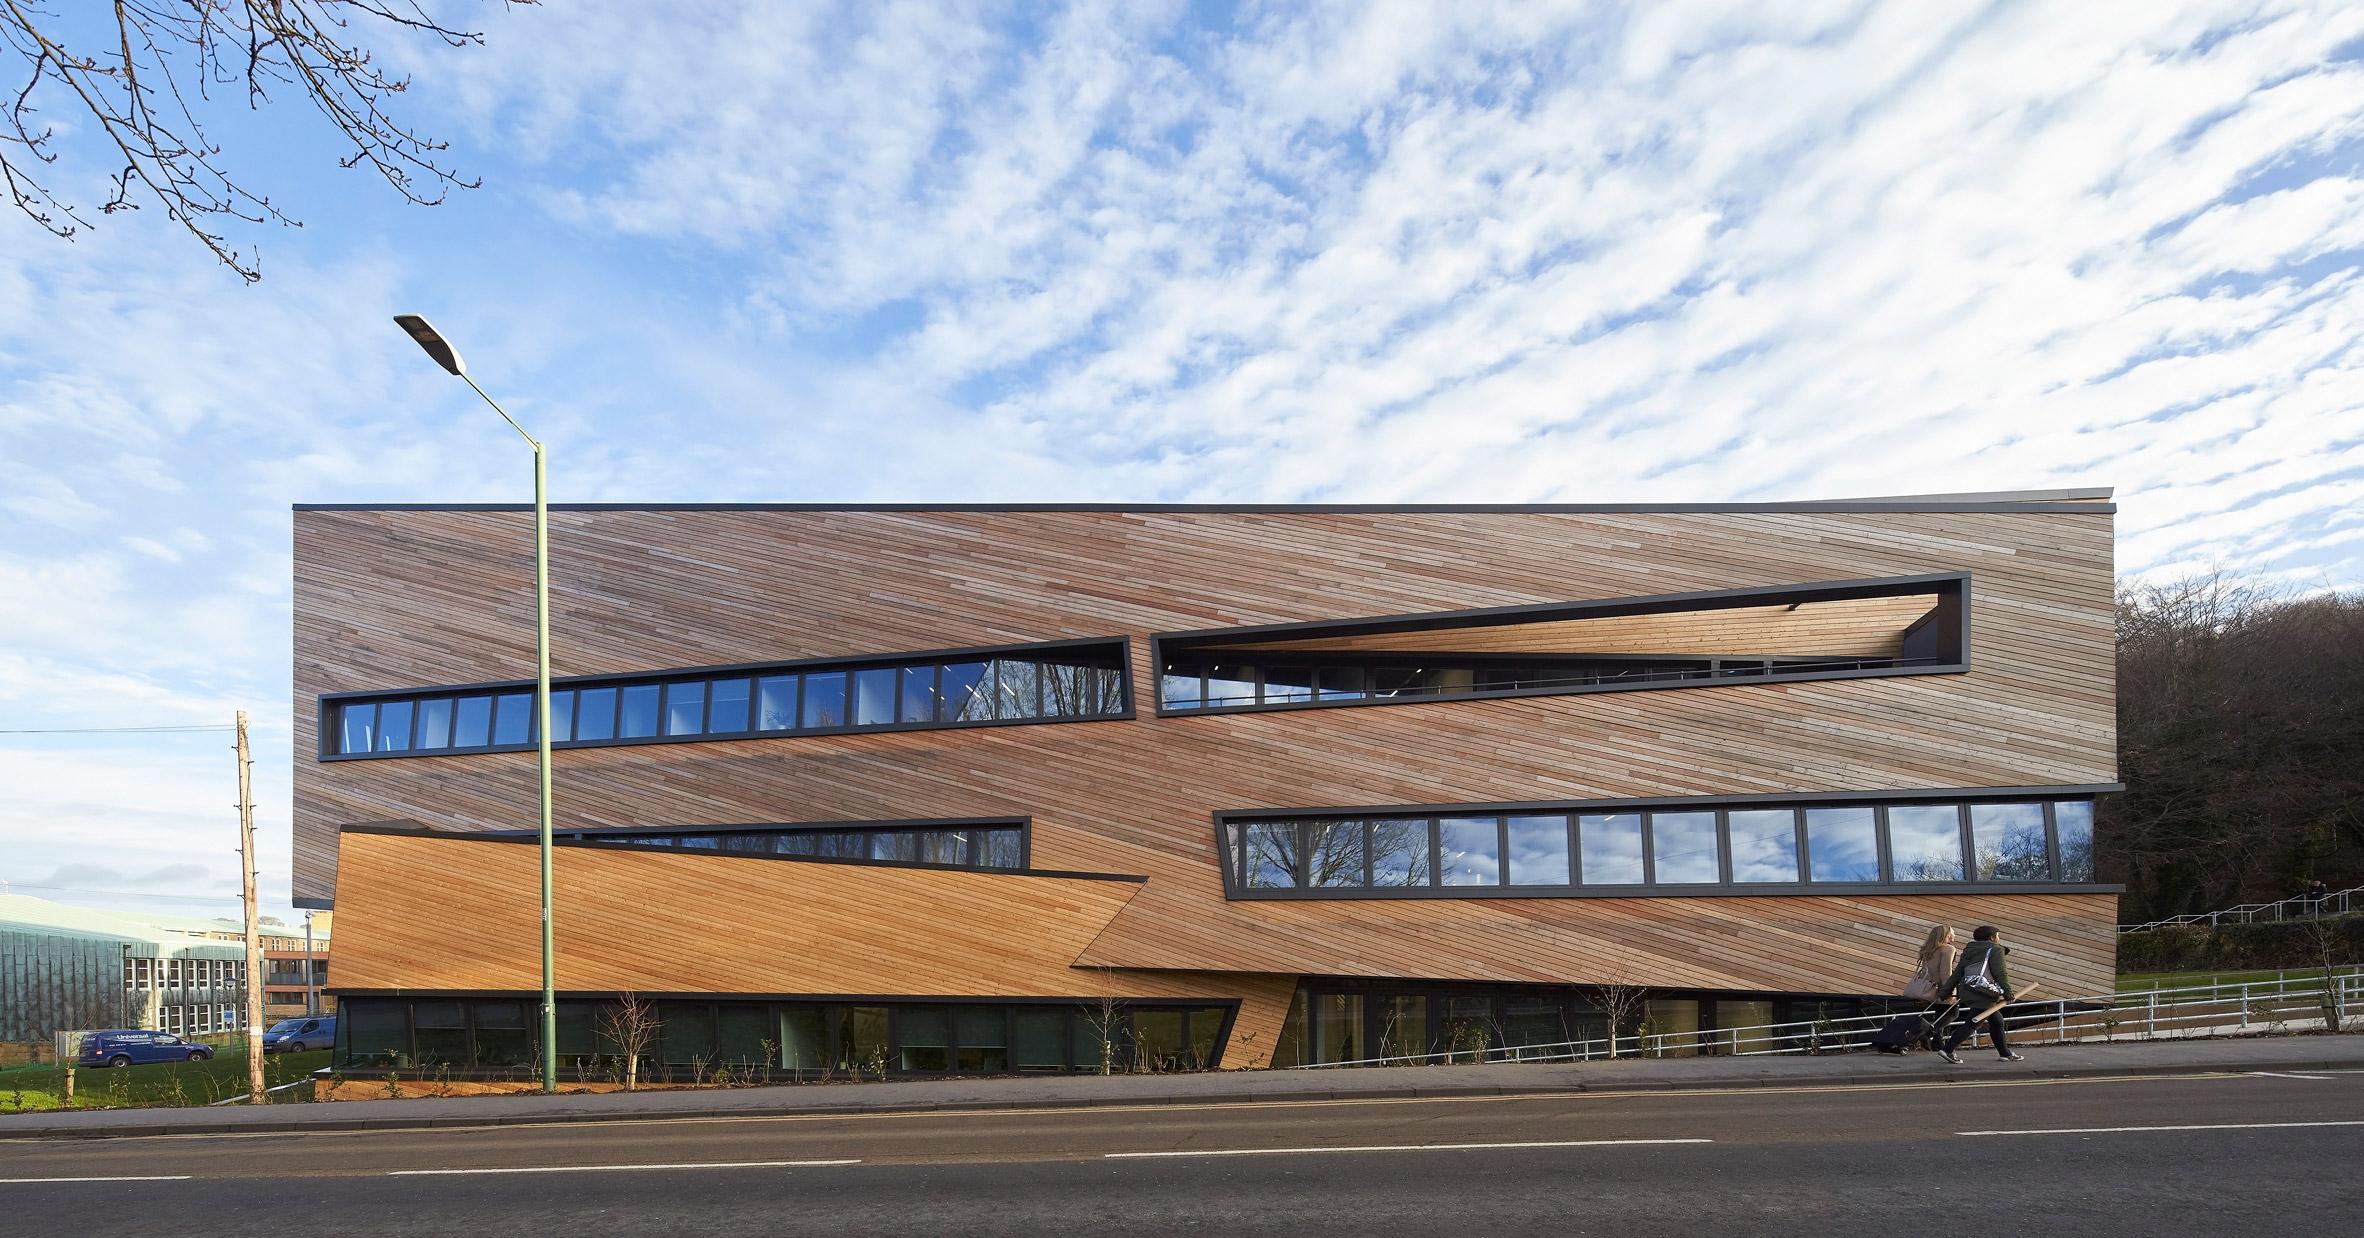 daniel libeskind Daniel Libeskind Designs Unique Cosmology Centre for Durham University Daniel Libeskind Designs Unique Cosmology Centre for Durham University 2